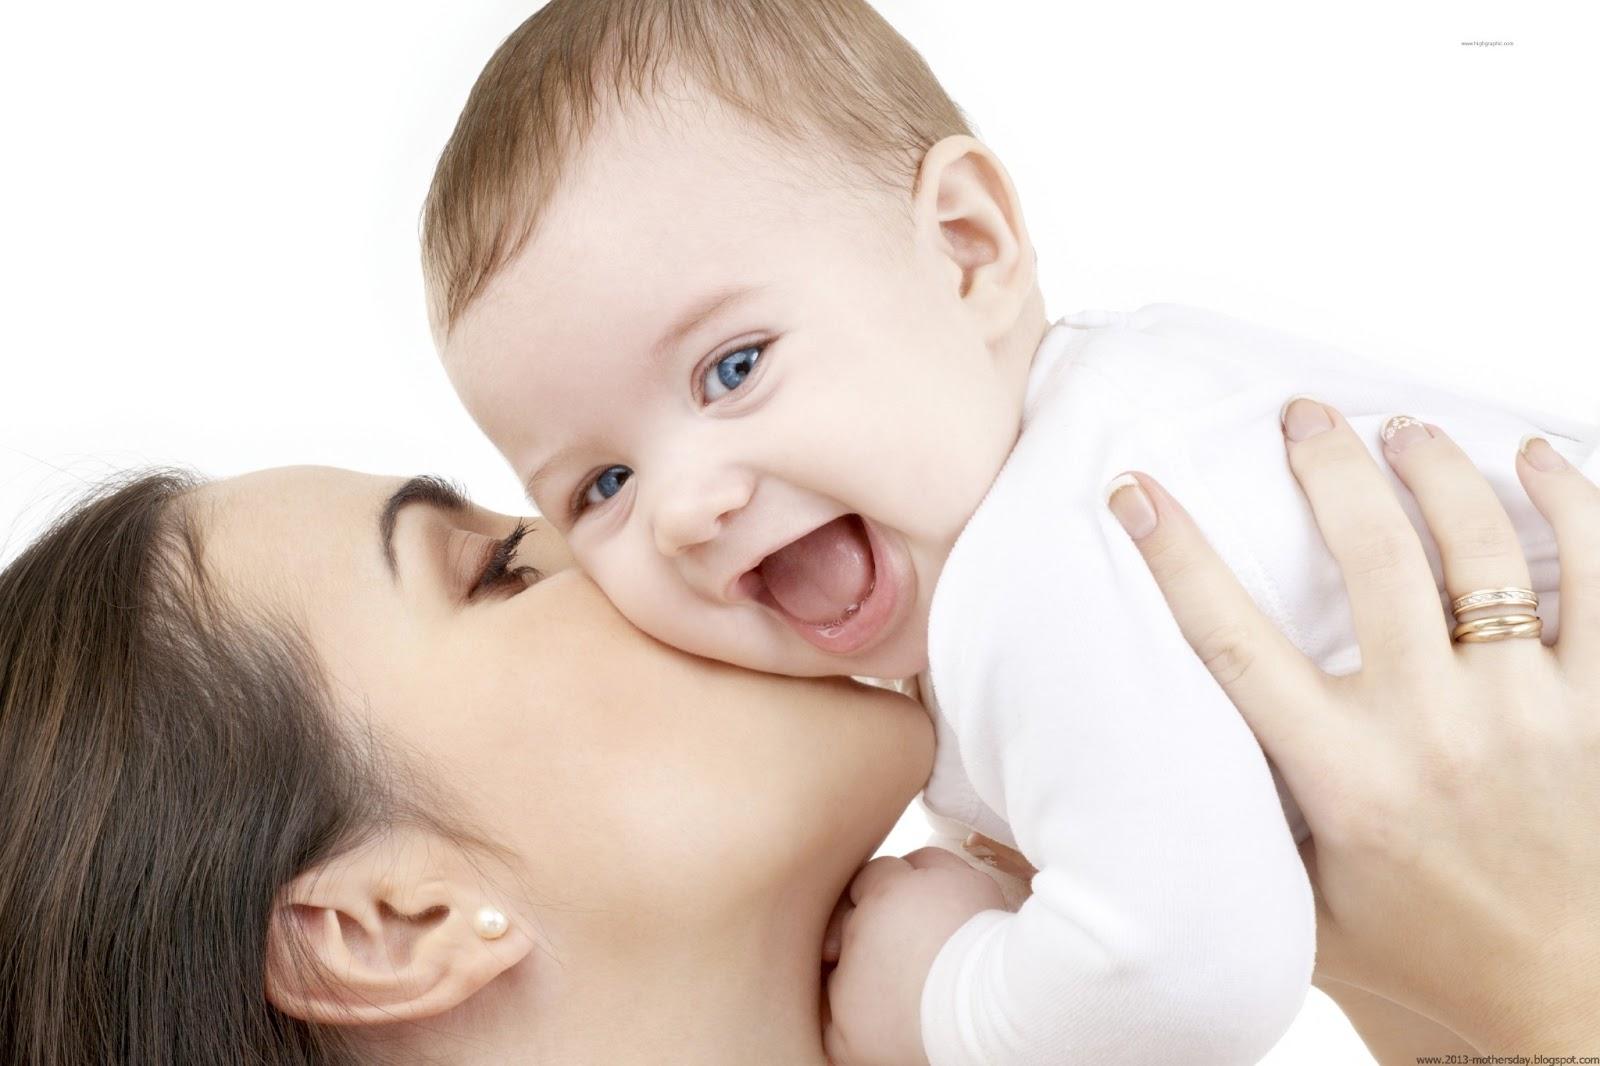 versiculos para o dia das mães